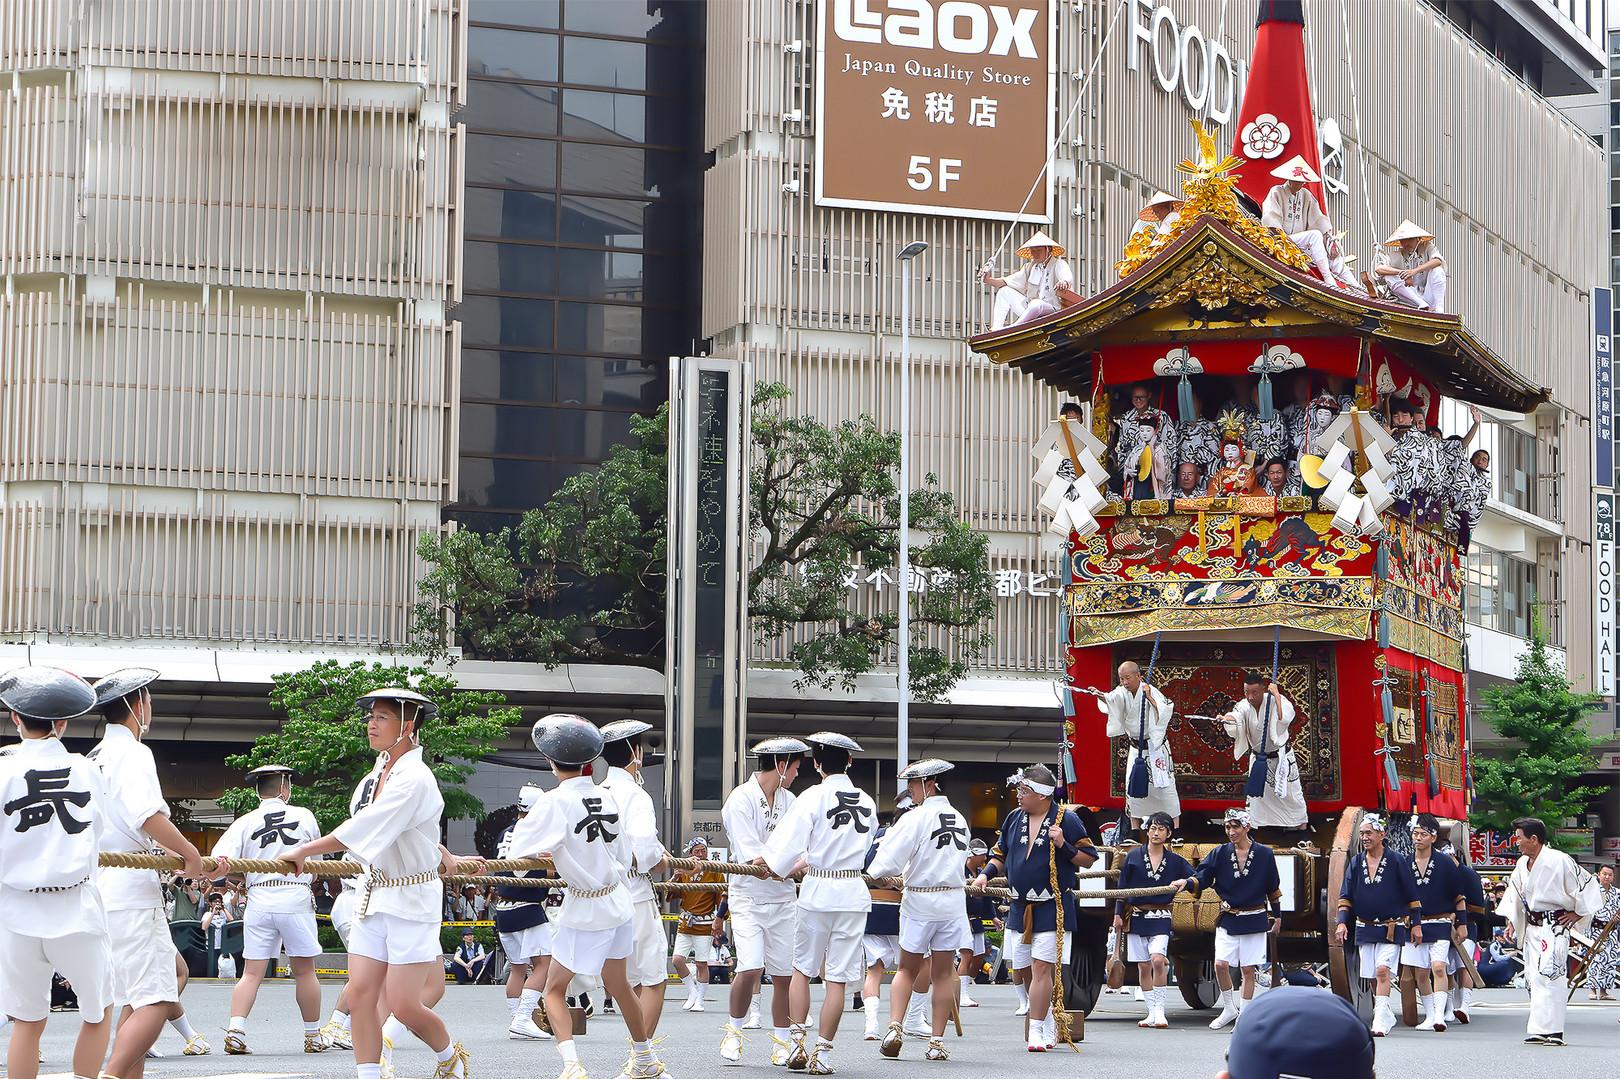 毎年7月の一か月にわたって行われる祇園祭。祇園祭で楽しんだ後は、当ホテルでゆっくりお休みください。